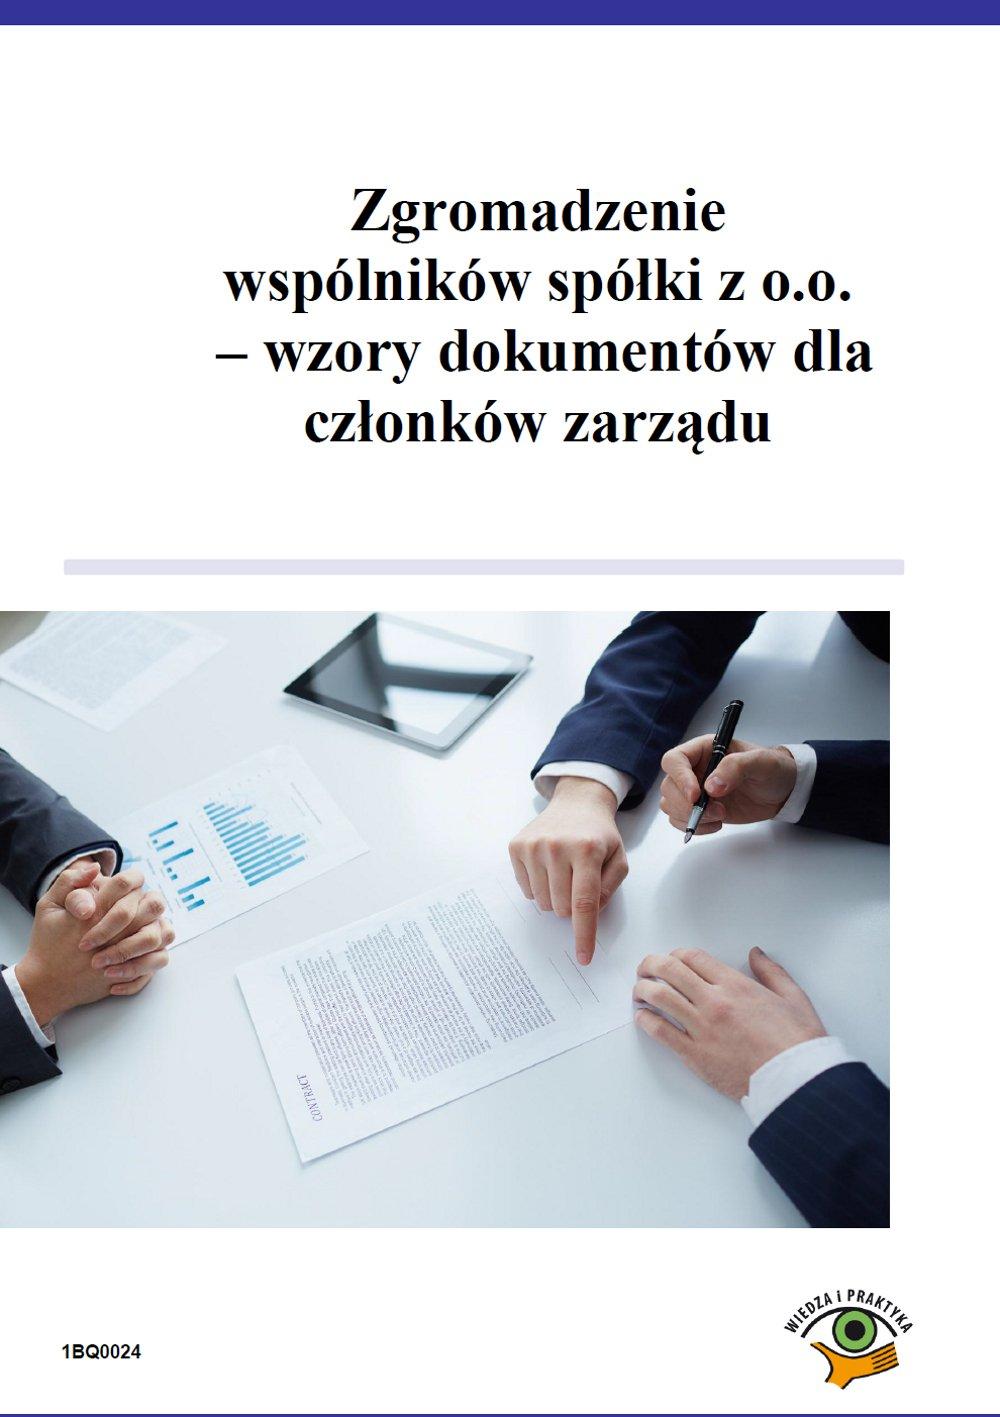 Zgromadzenie wspólników spółki z o.o. – wzory dokumentów dla członków zarządu - Ebook (Książka PDF) do pobrania w formacie PDF